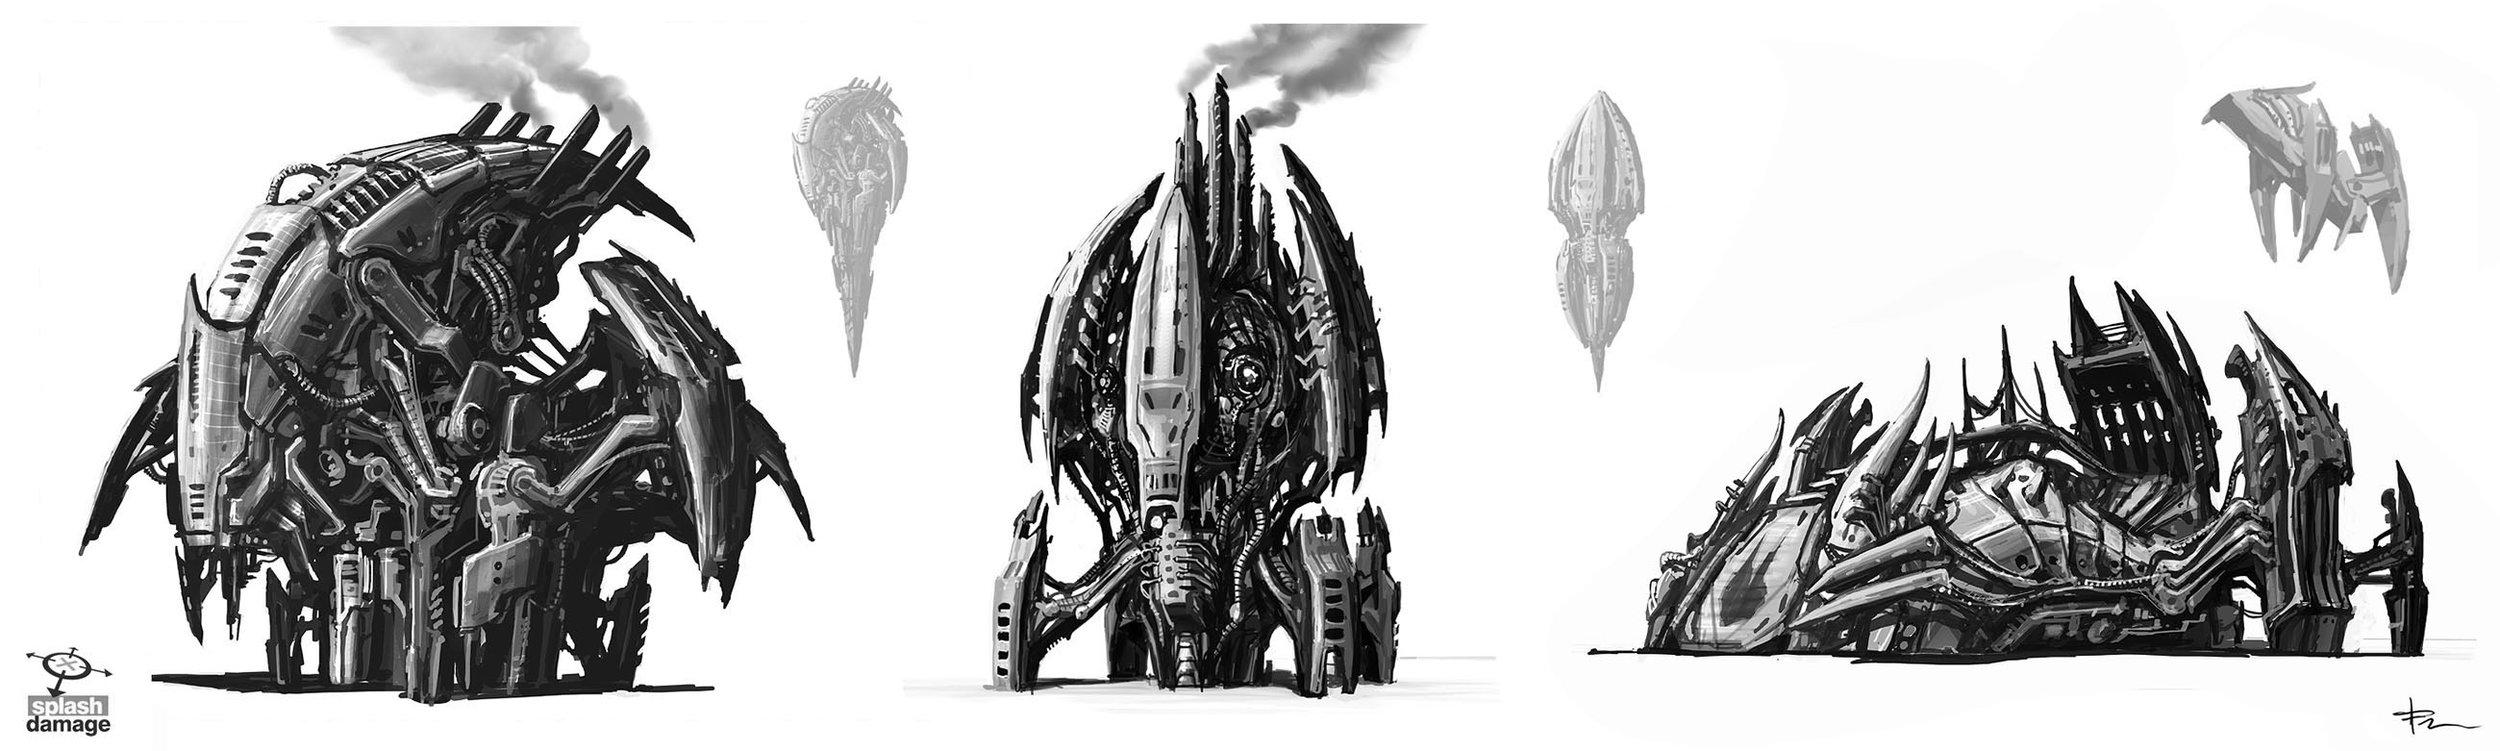 TJFrame-Art_EnemyTerritory_StroggStructures.jpg